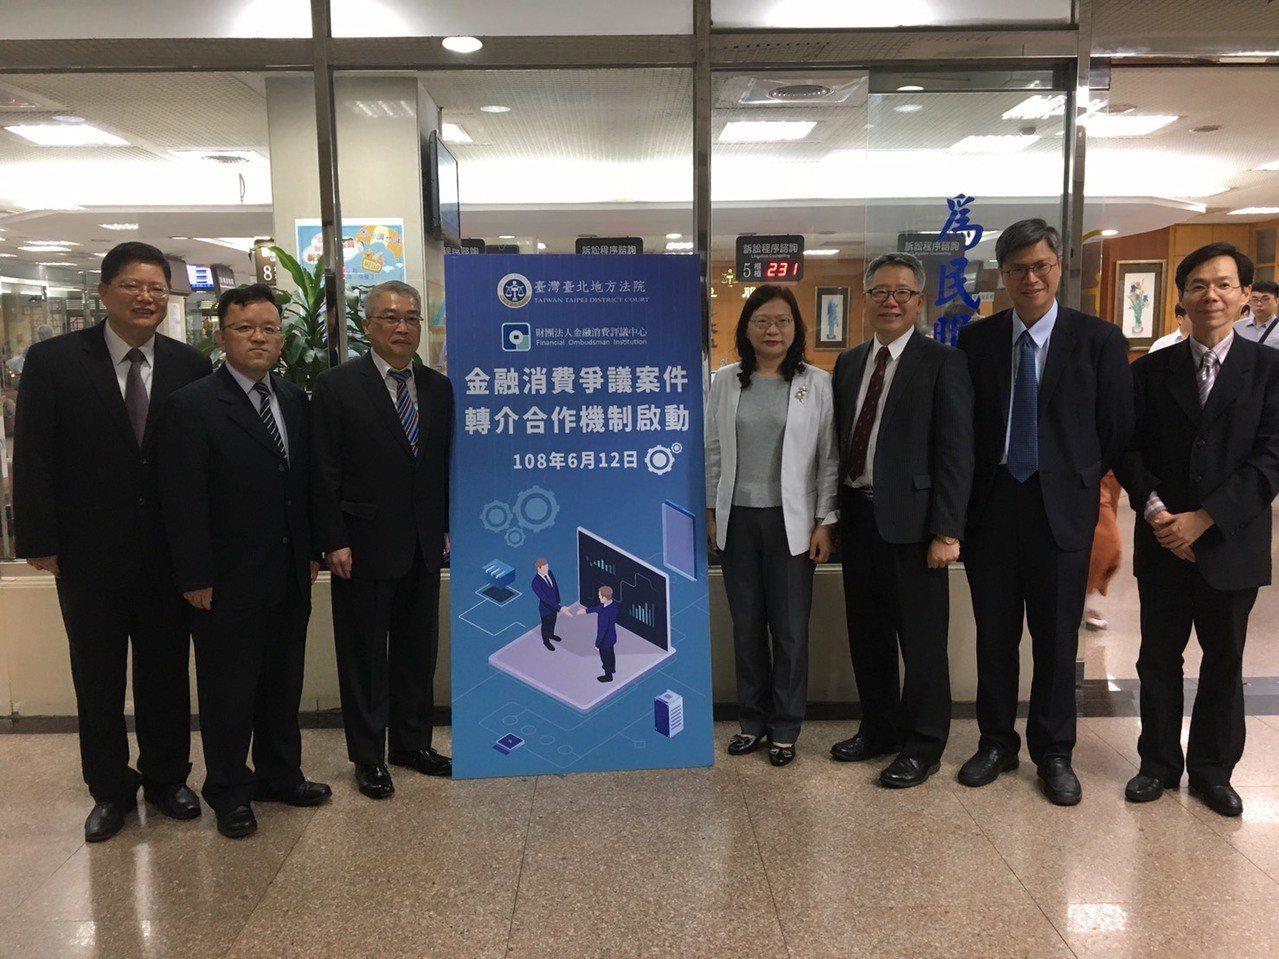 台北地方法院和金融消費評議中心今天啟動轉介機制,降低訴訟案件量,也減少解決紛爭的...